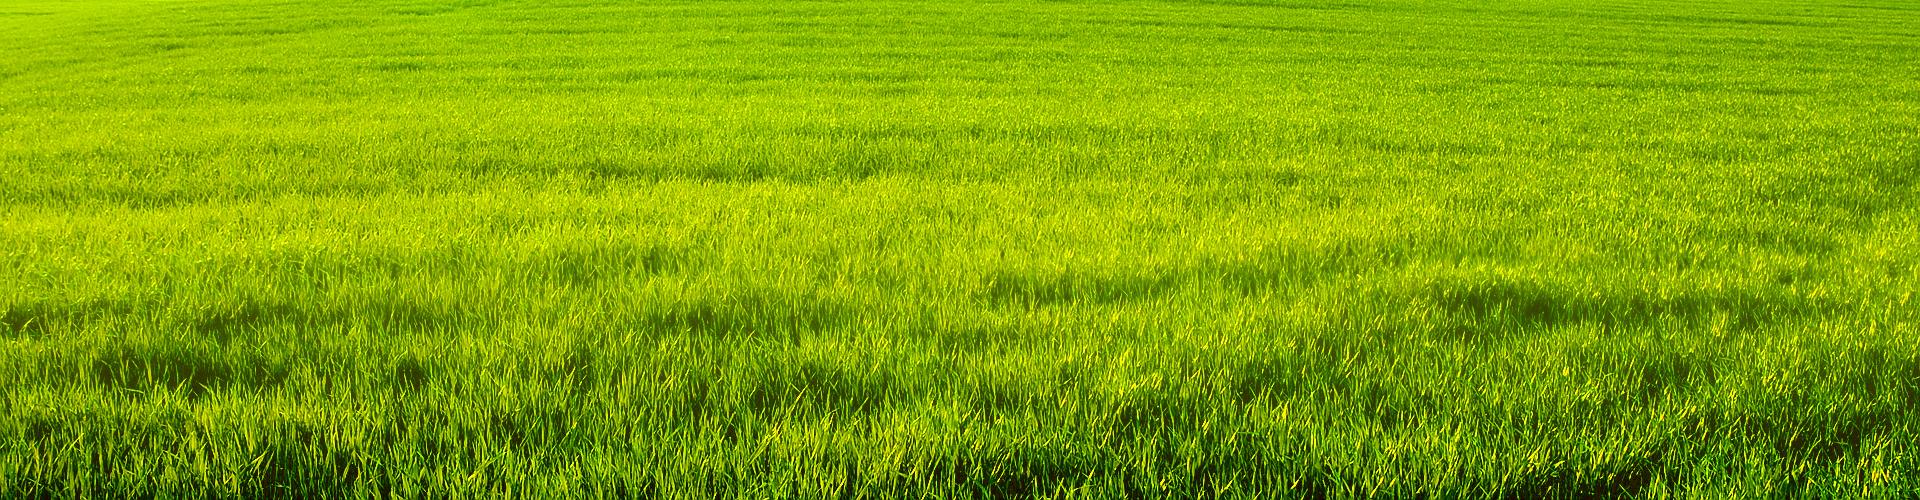 bg_grass